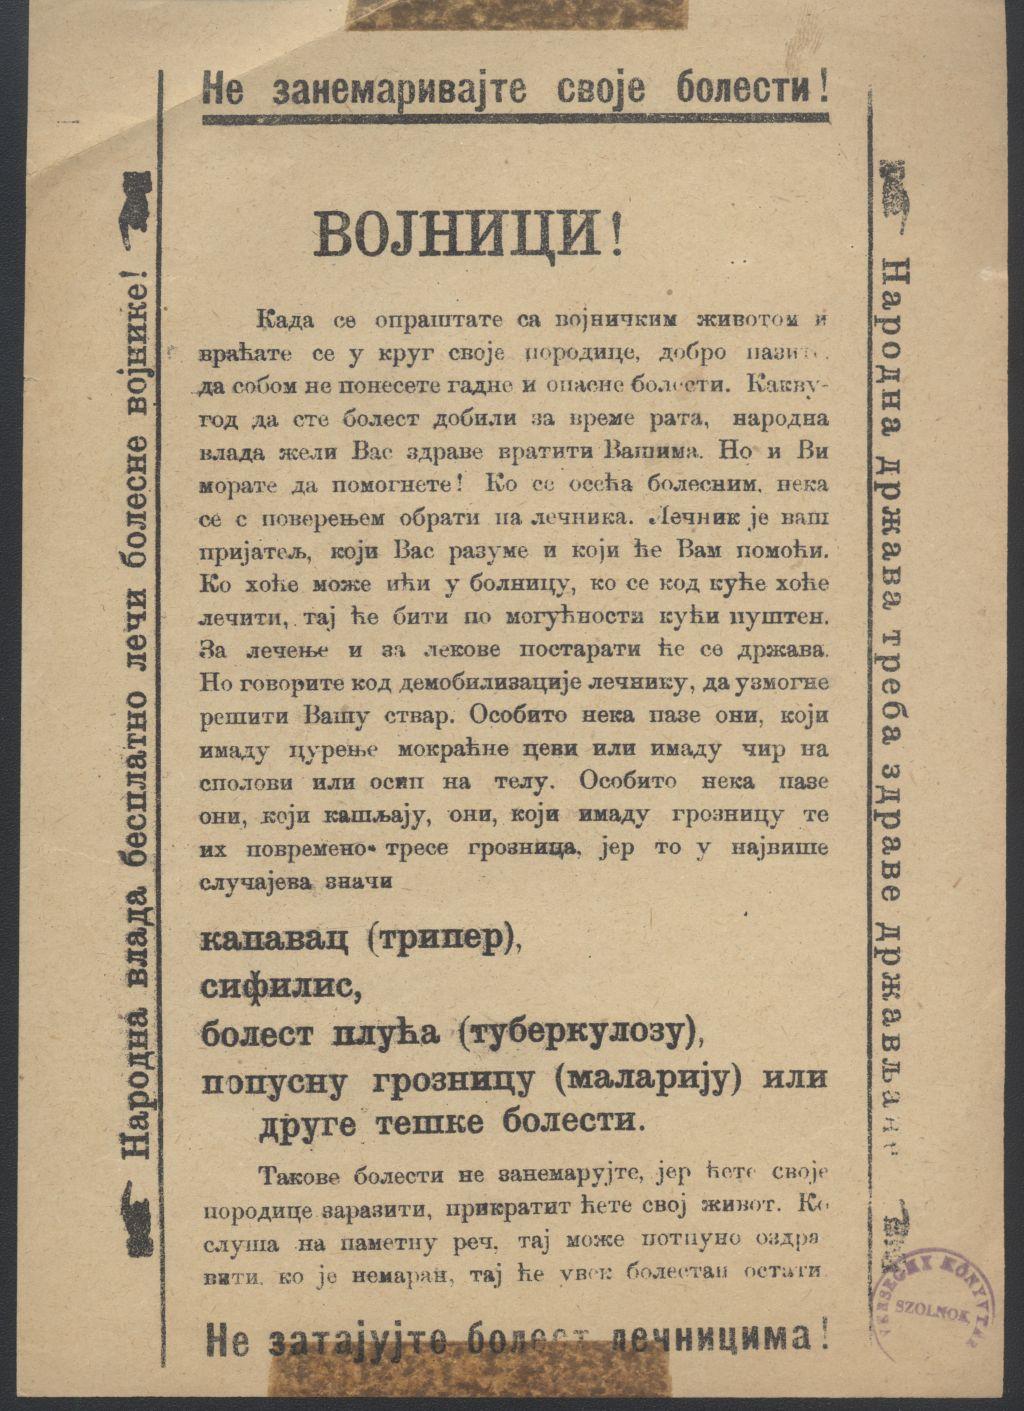 Orosz nyelvű egészségügyi felhívás